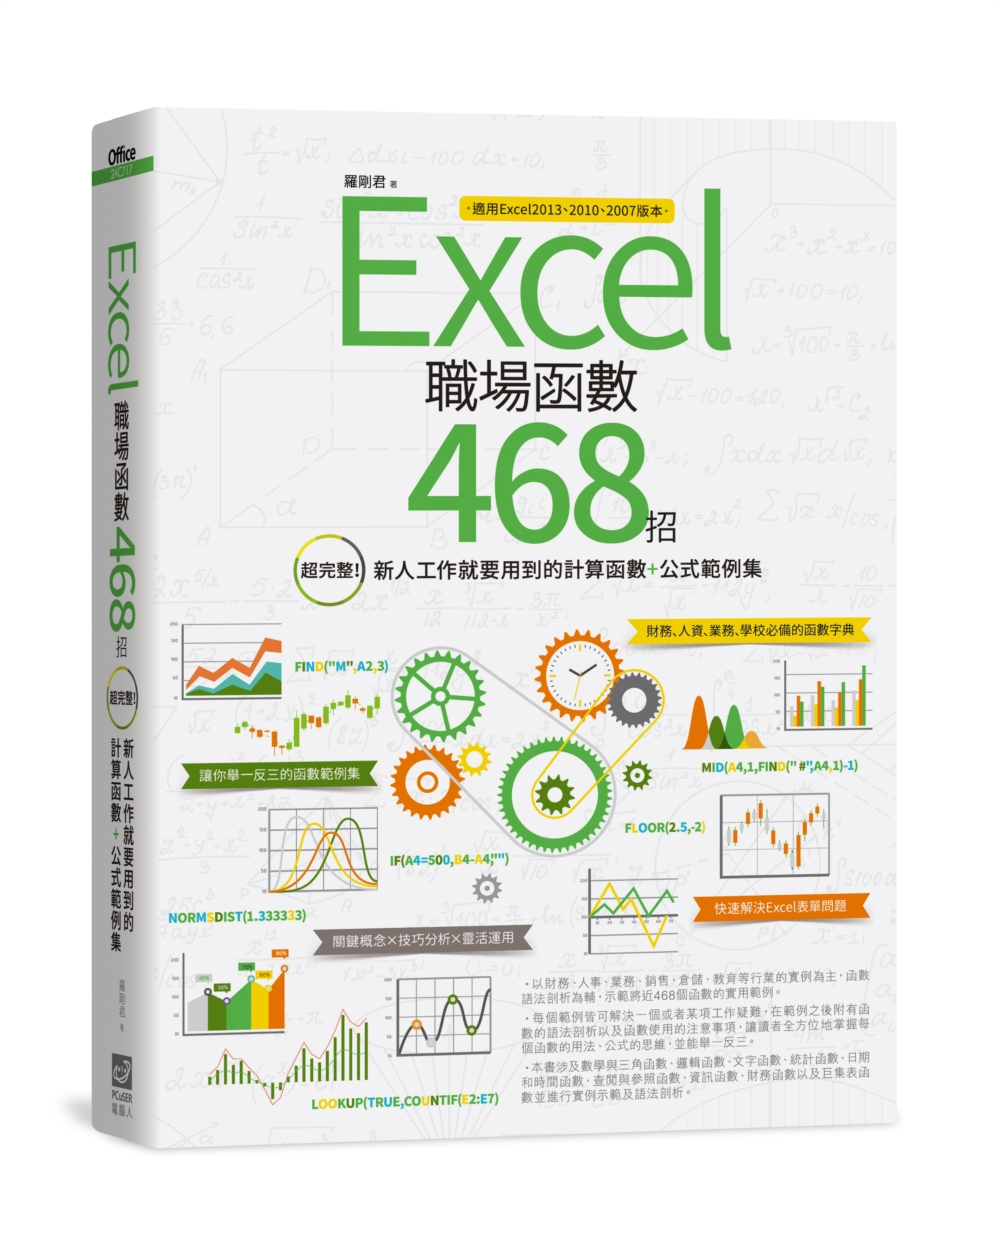 Excel職場函數468招:超完整^!新人工作就要用到的計算函數 公式範例集